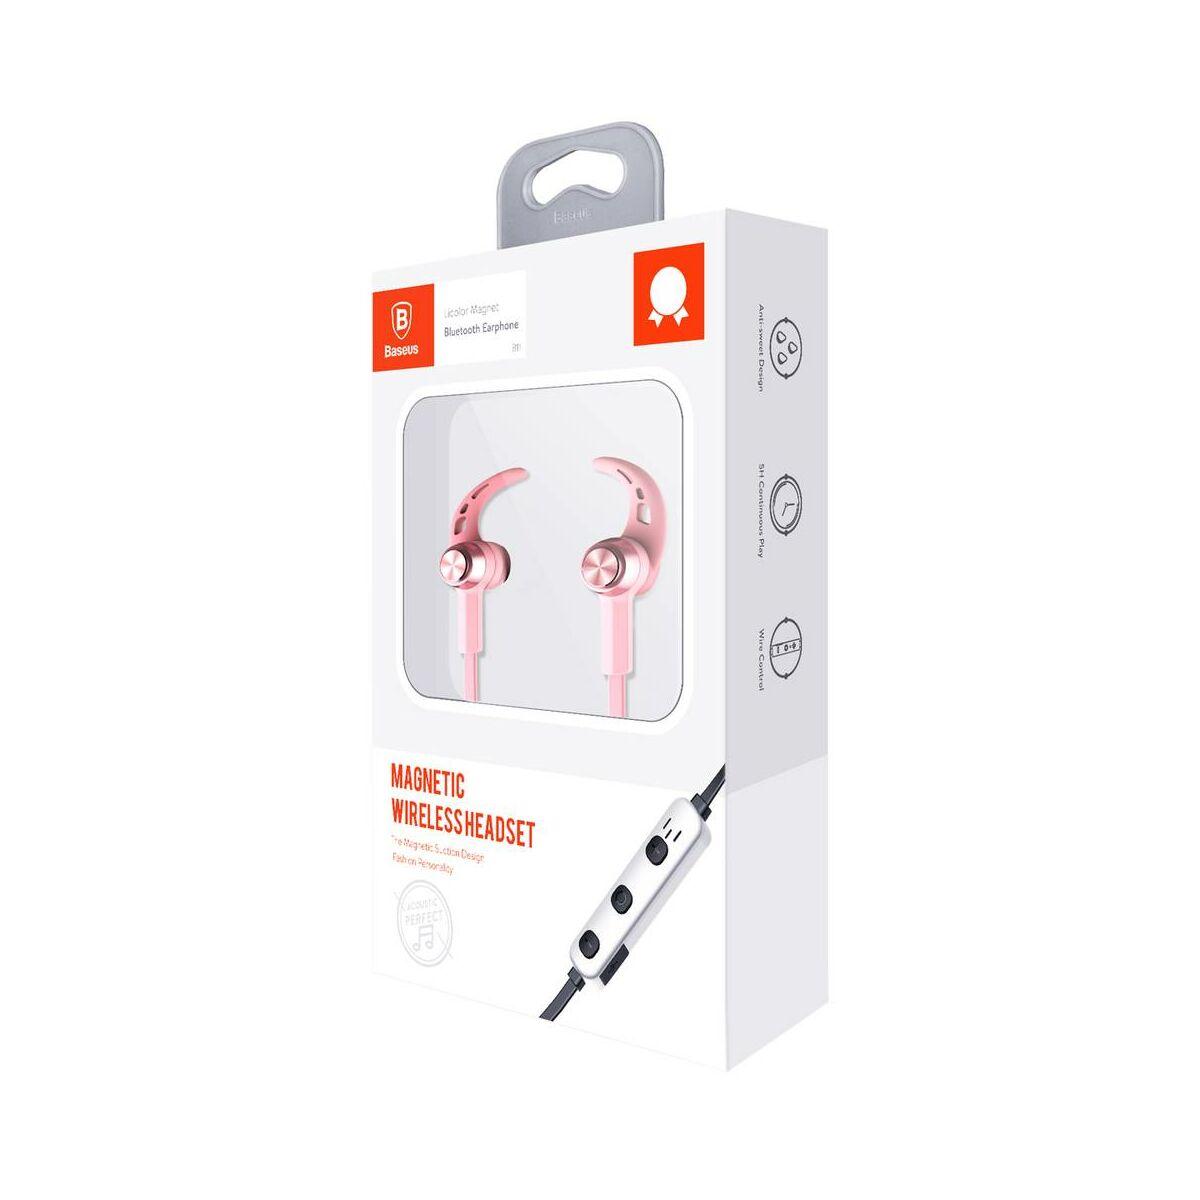 Baseus fülhallgató, Bluetooth Encok B11 Licolor Magnet vezeték nélküli, szakura rózsaszín (NGB11-04)